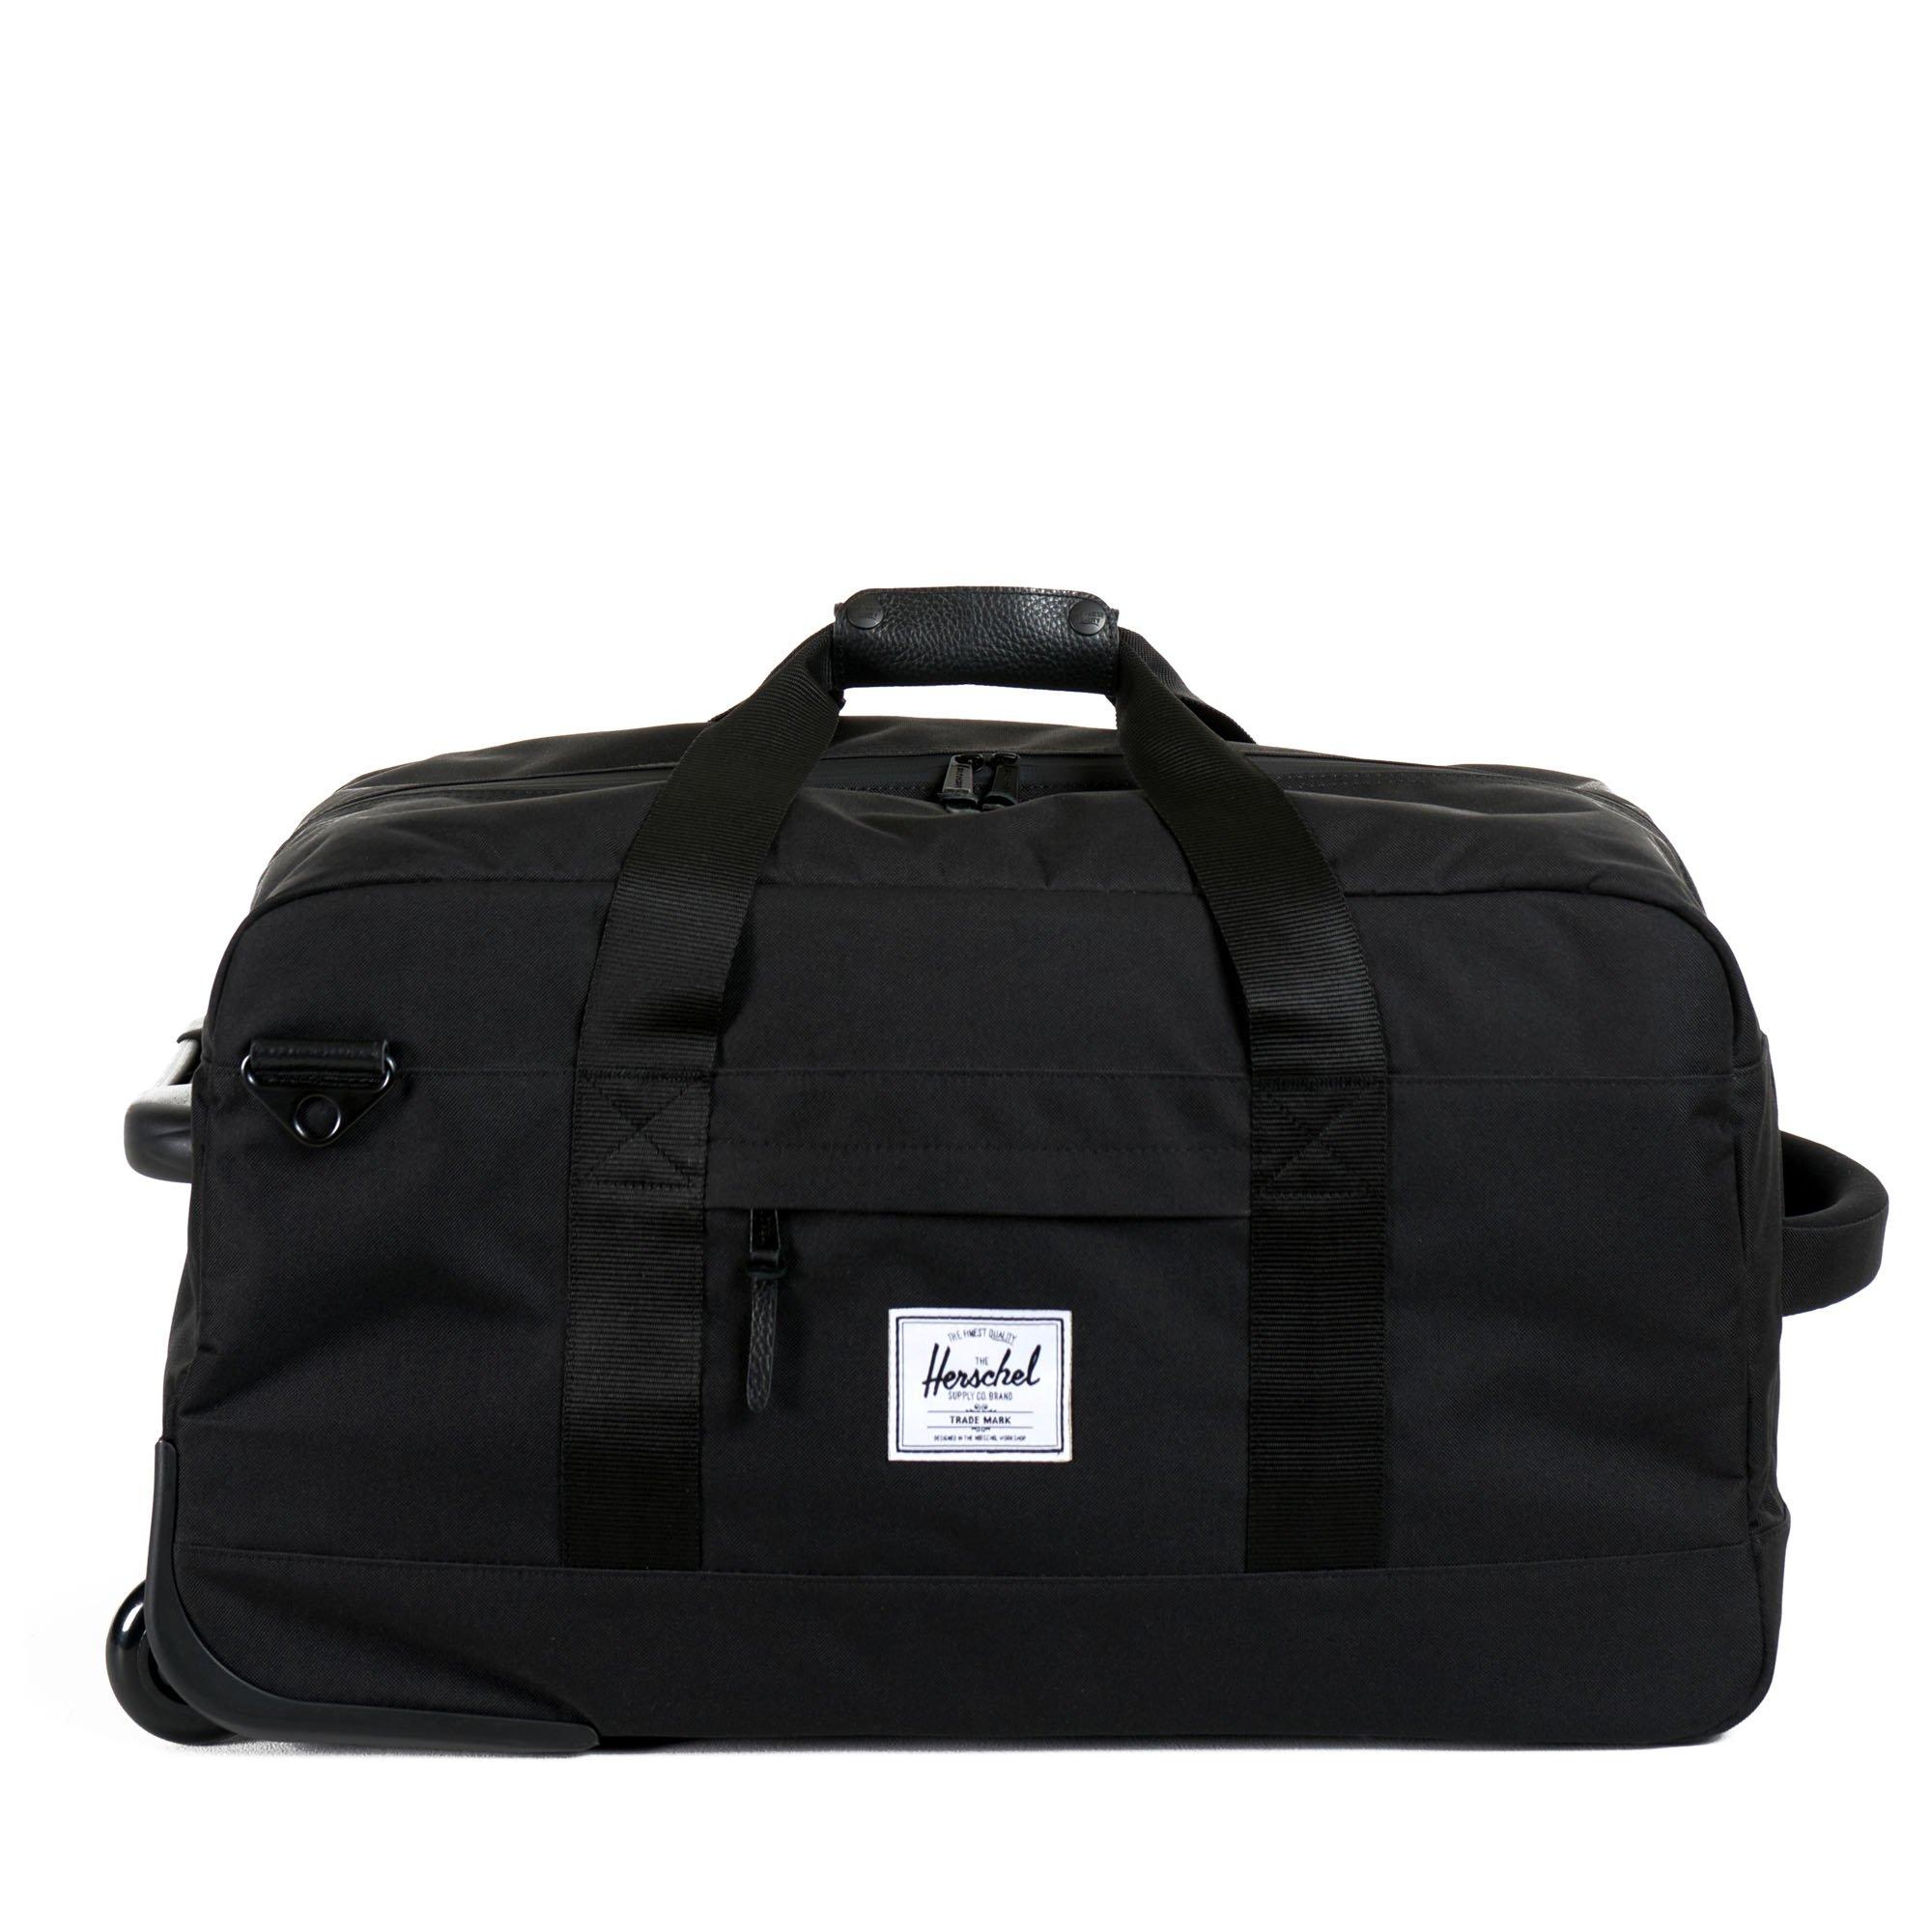 Herschel Supply Co. Wheelie Outfitter, Black, One Size